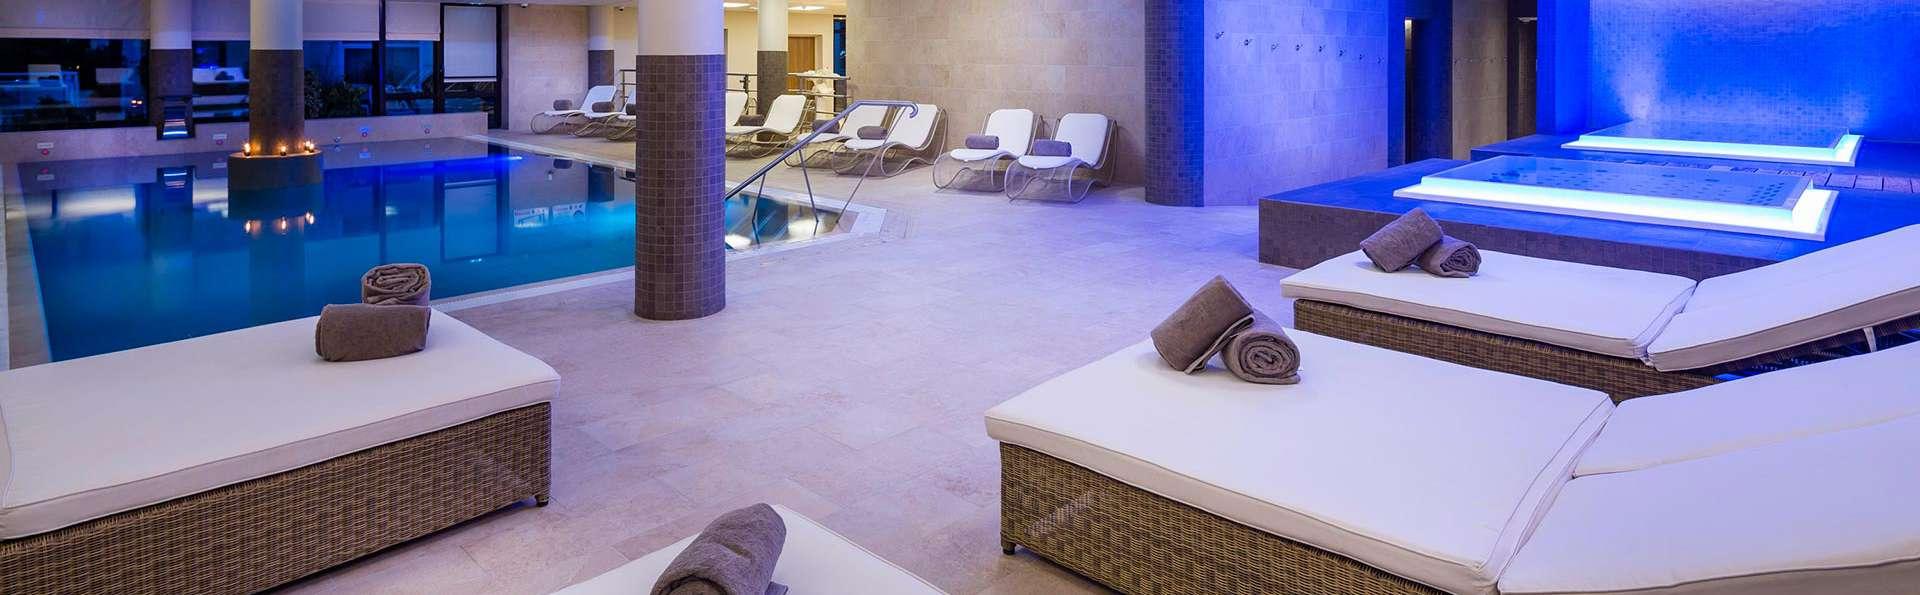 Week-end détente avec soin et accès au spa, à Aix les Bains